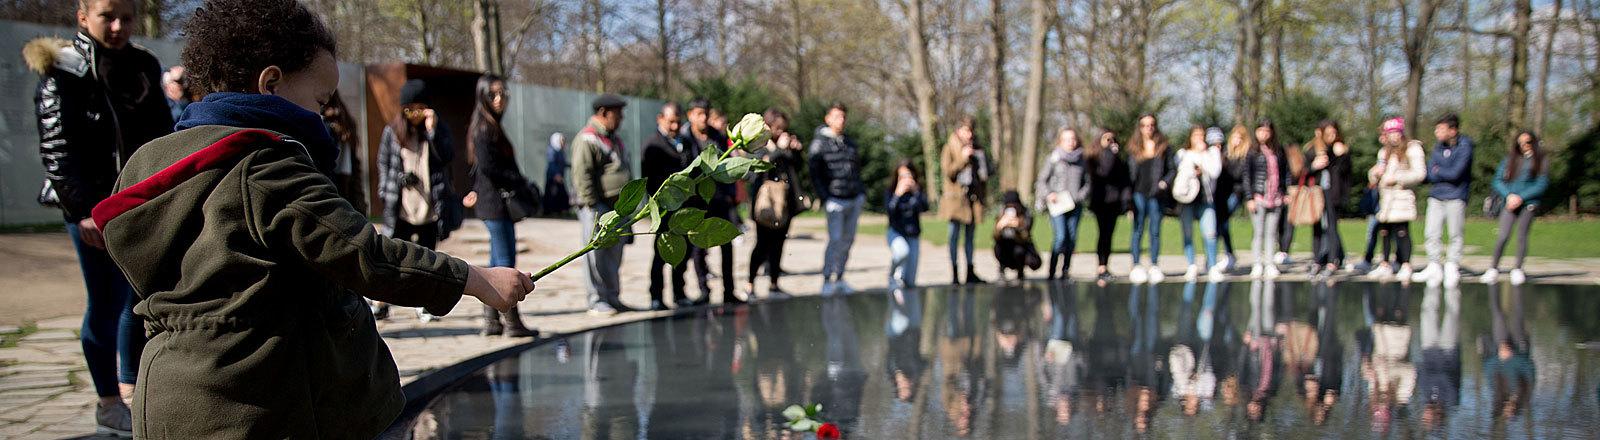 Ein Junge wirft in Berlin an der Gedenkstätte für die in der Zeit des Nationalsozialismus ermordeten Sinti und Roma eine Rose ins Wasser (08.04.2016); Foto: dpa